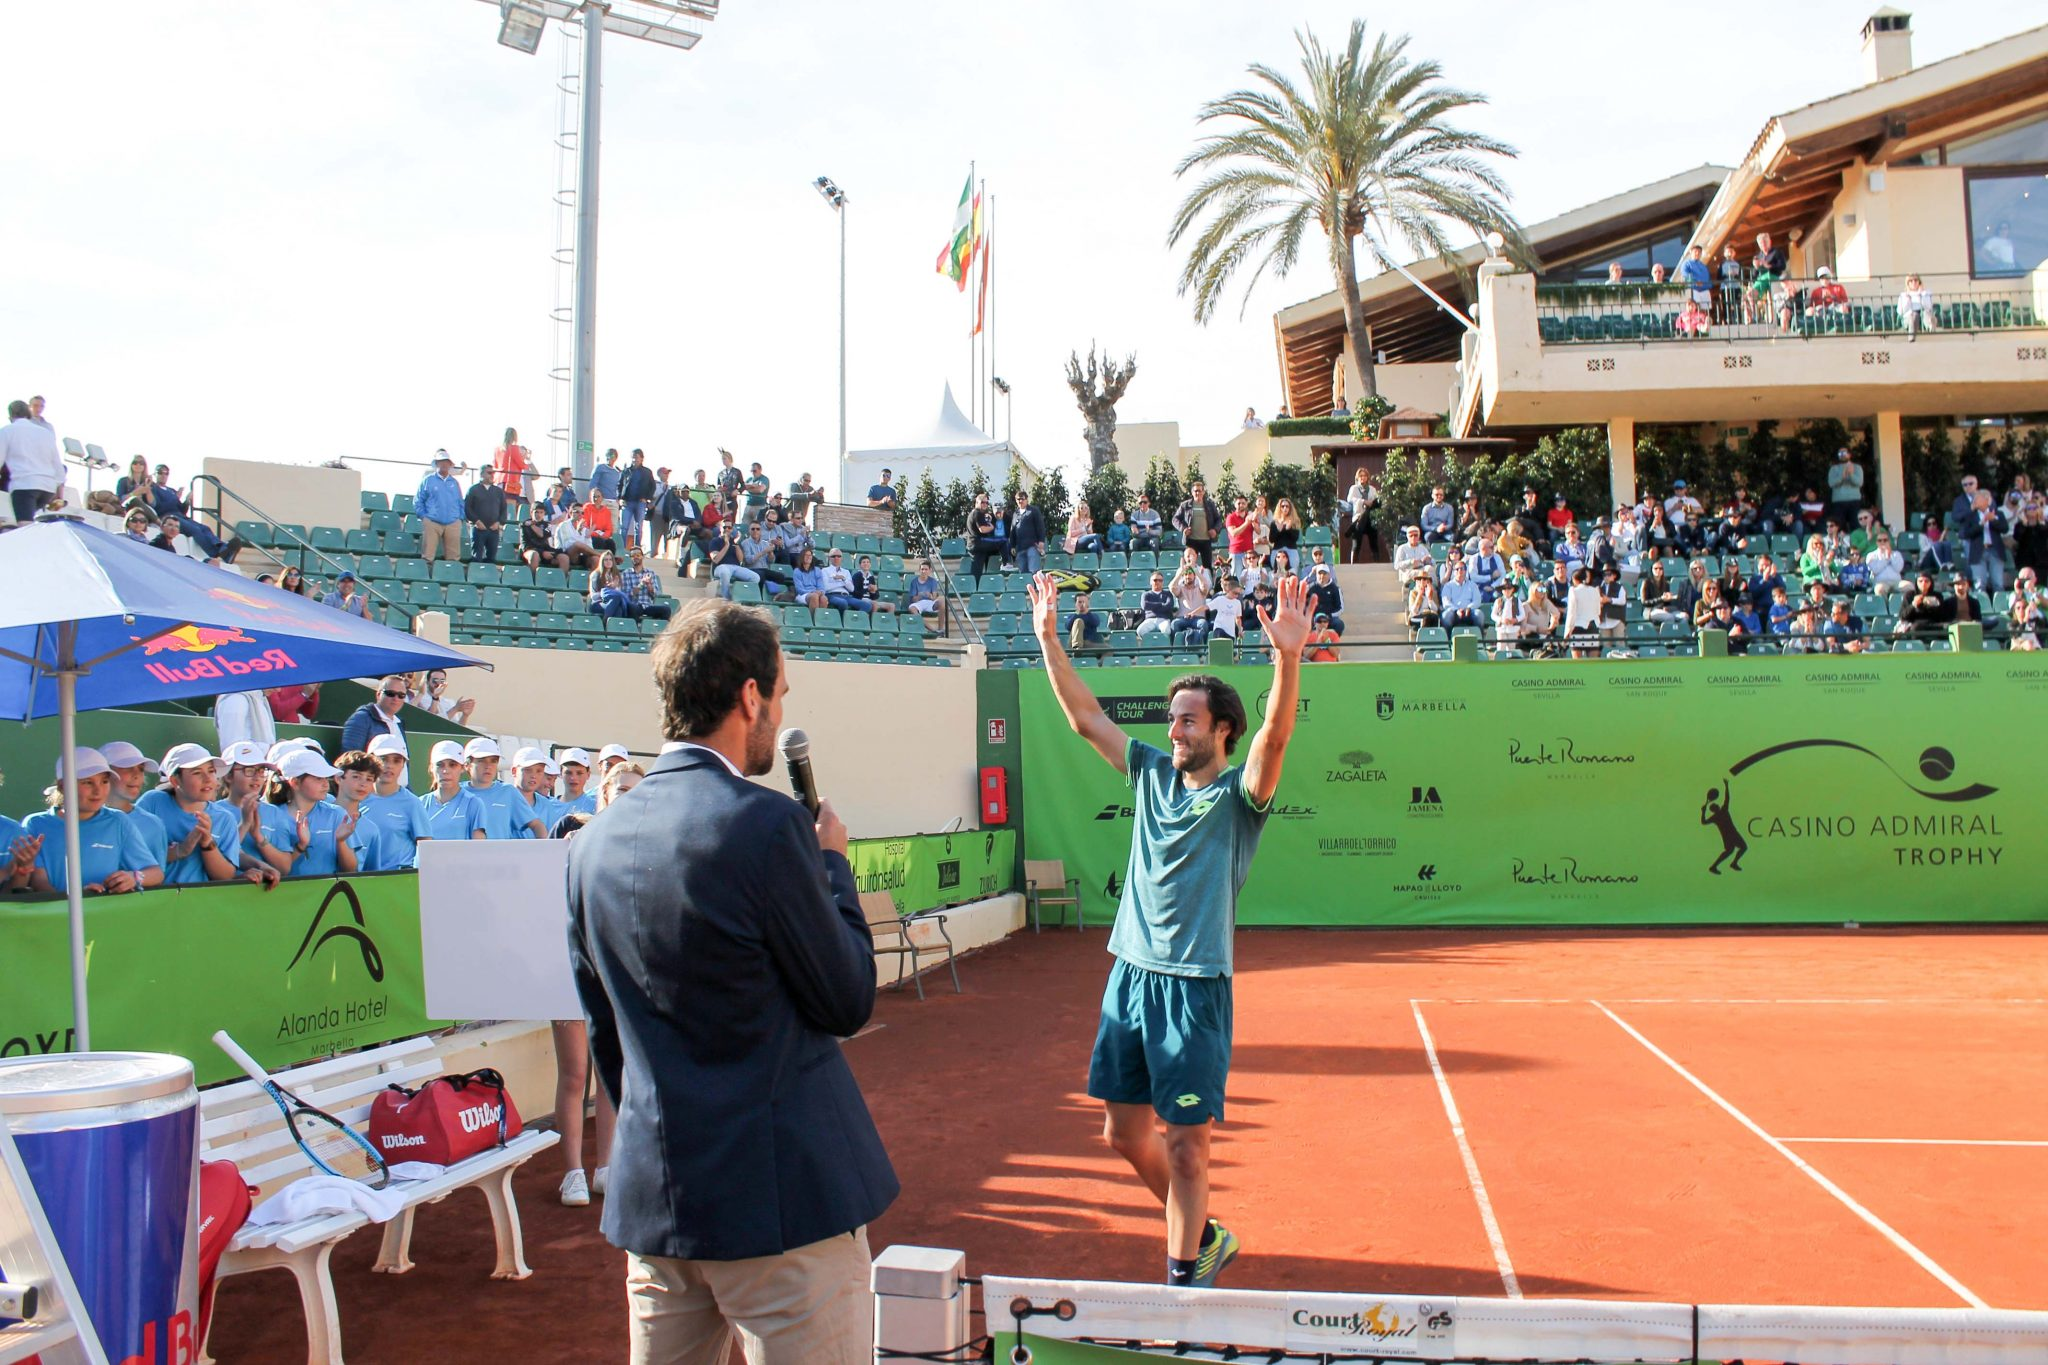 Stefano Travaglia se hace con el trofeo Casino Admiral Trophy